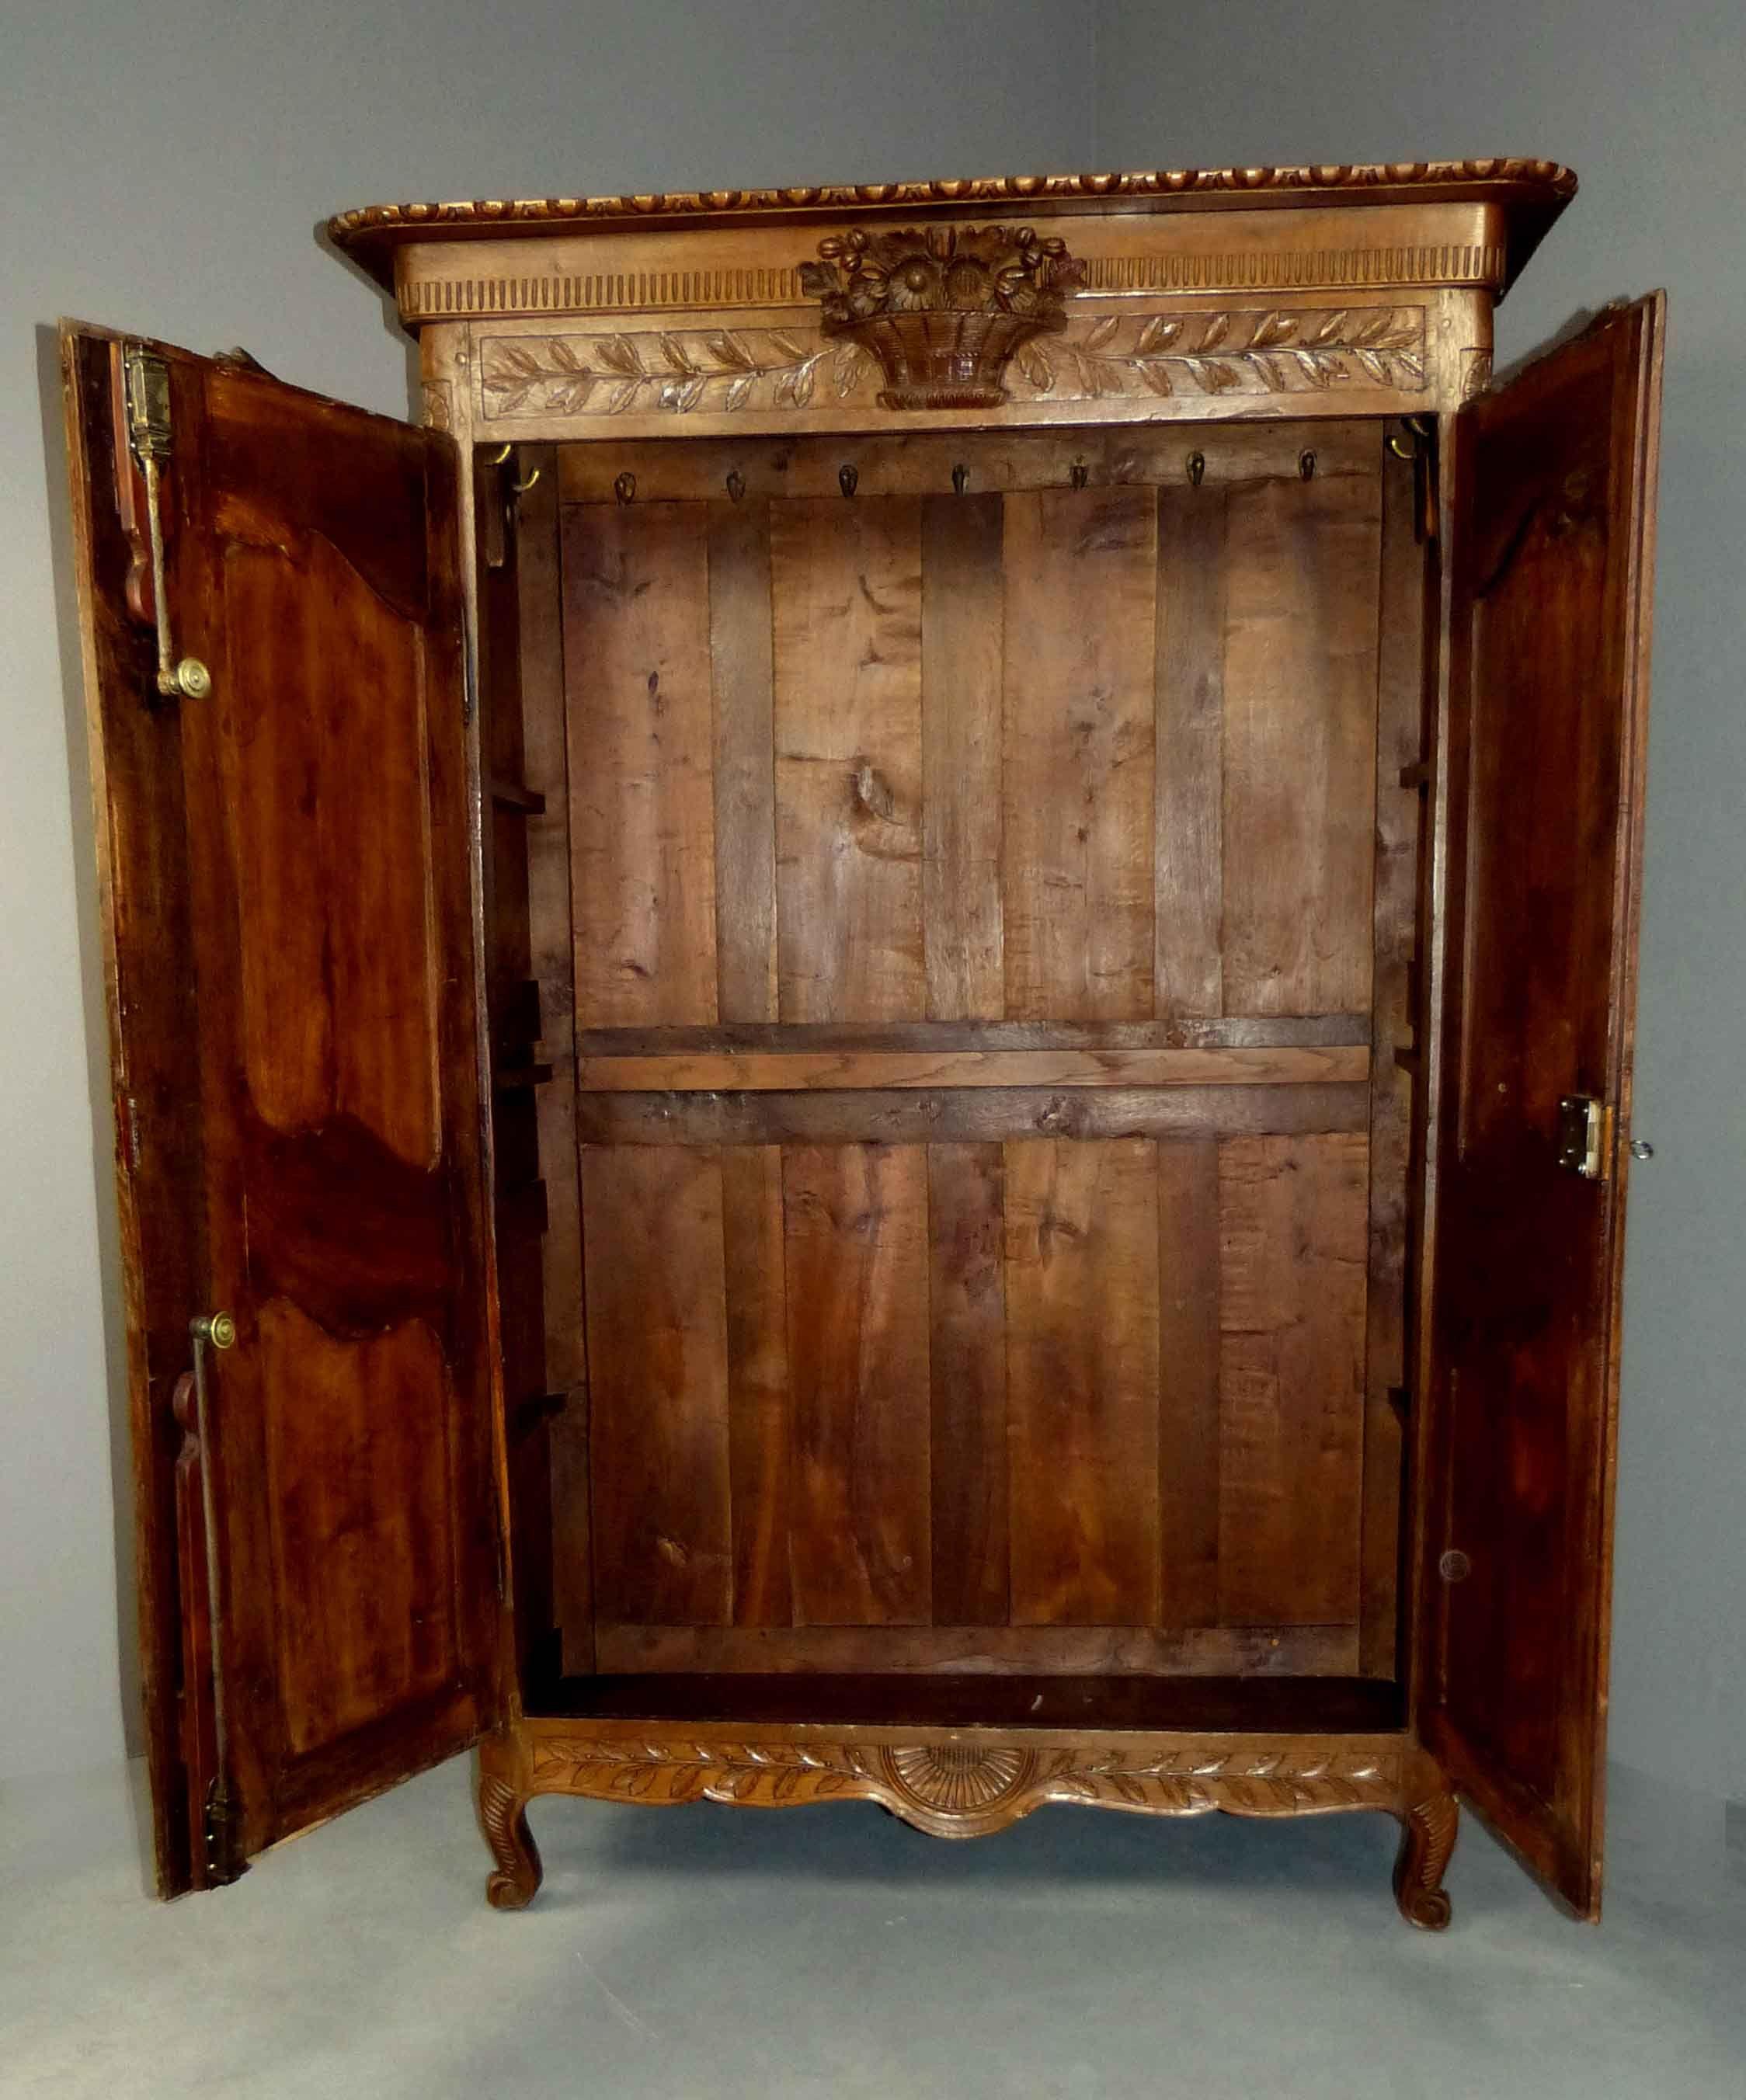 Fotos de roperos taringa for Fotos de muebles antiguos restaurados